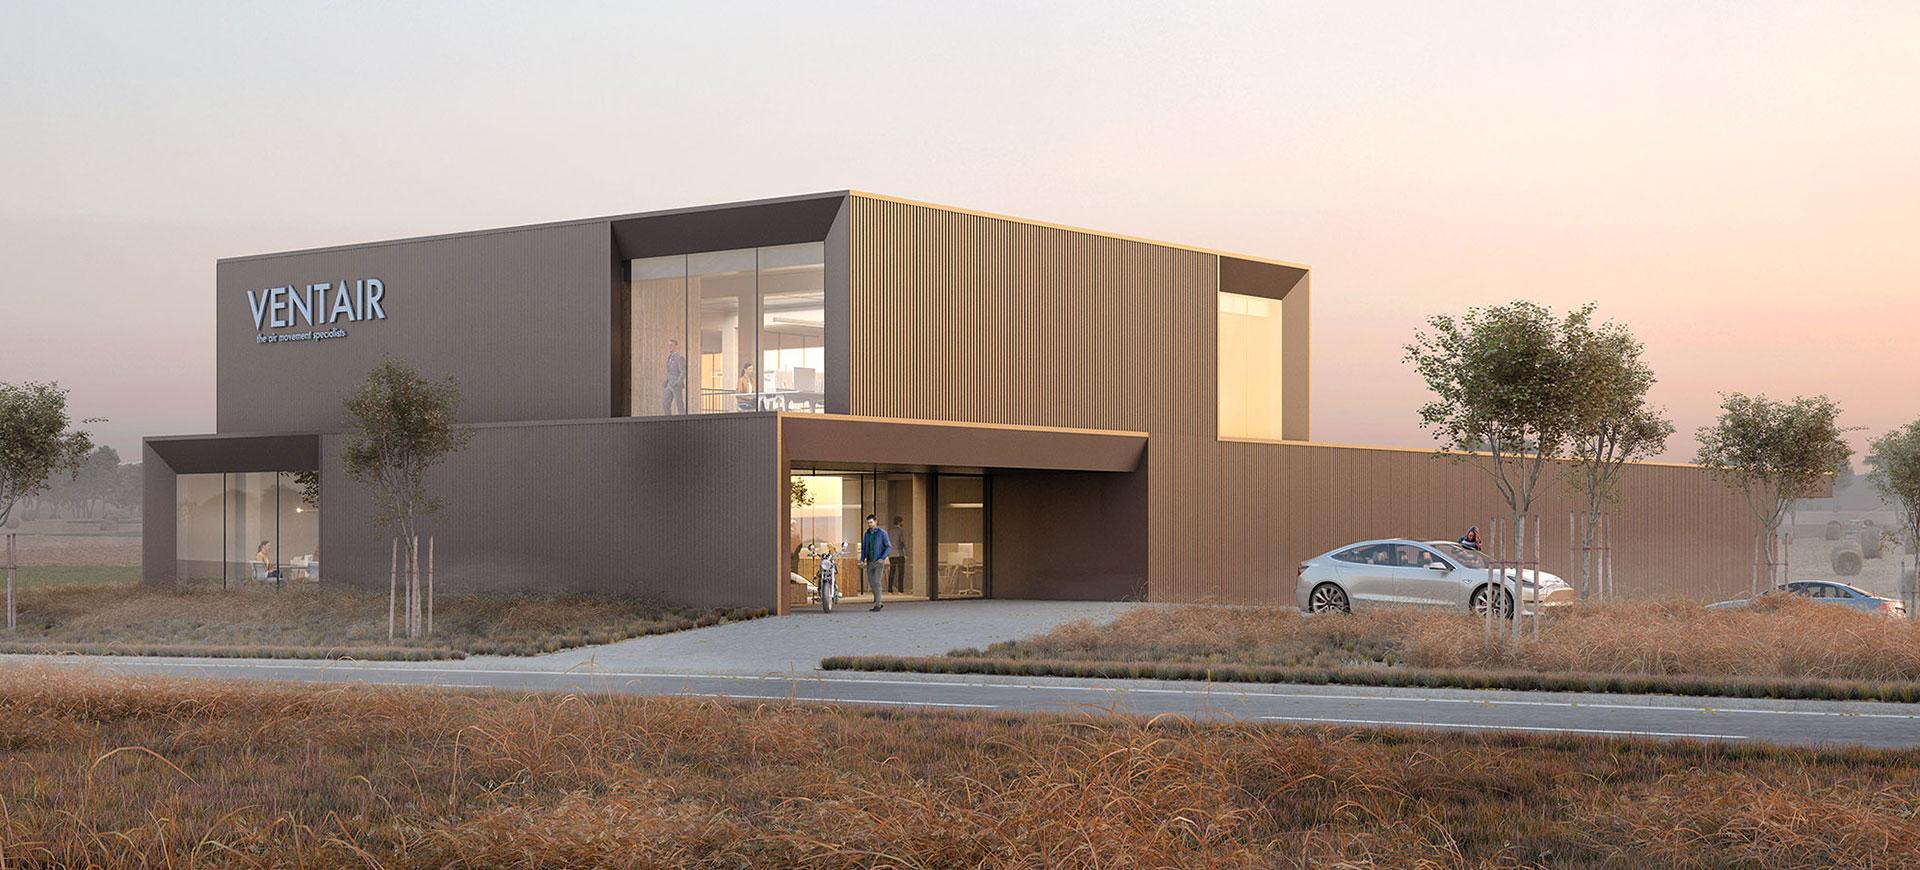 RG architectes | Ventair